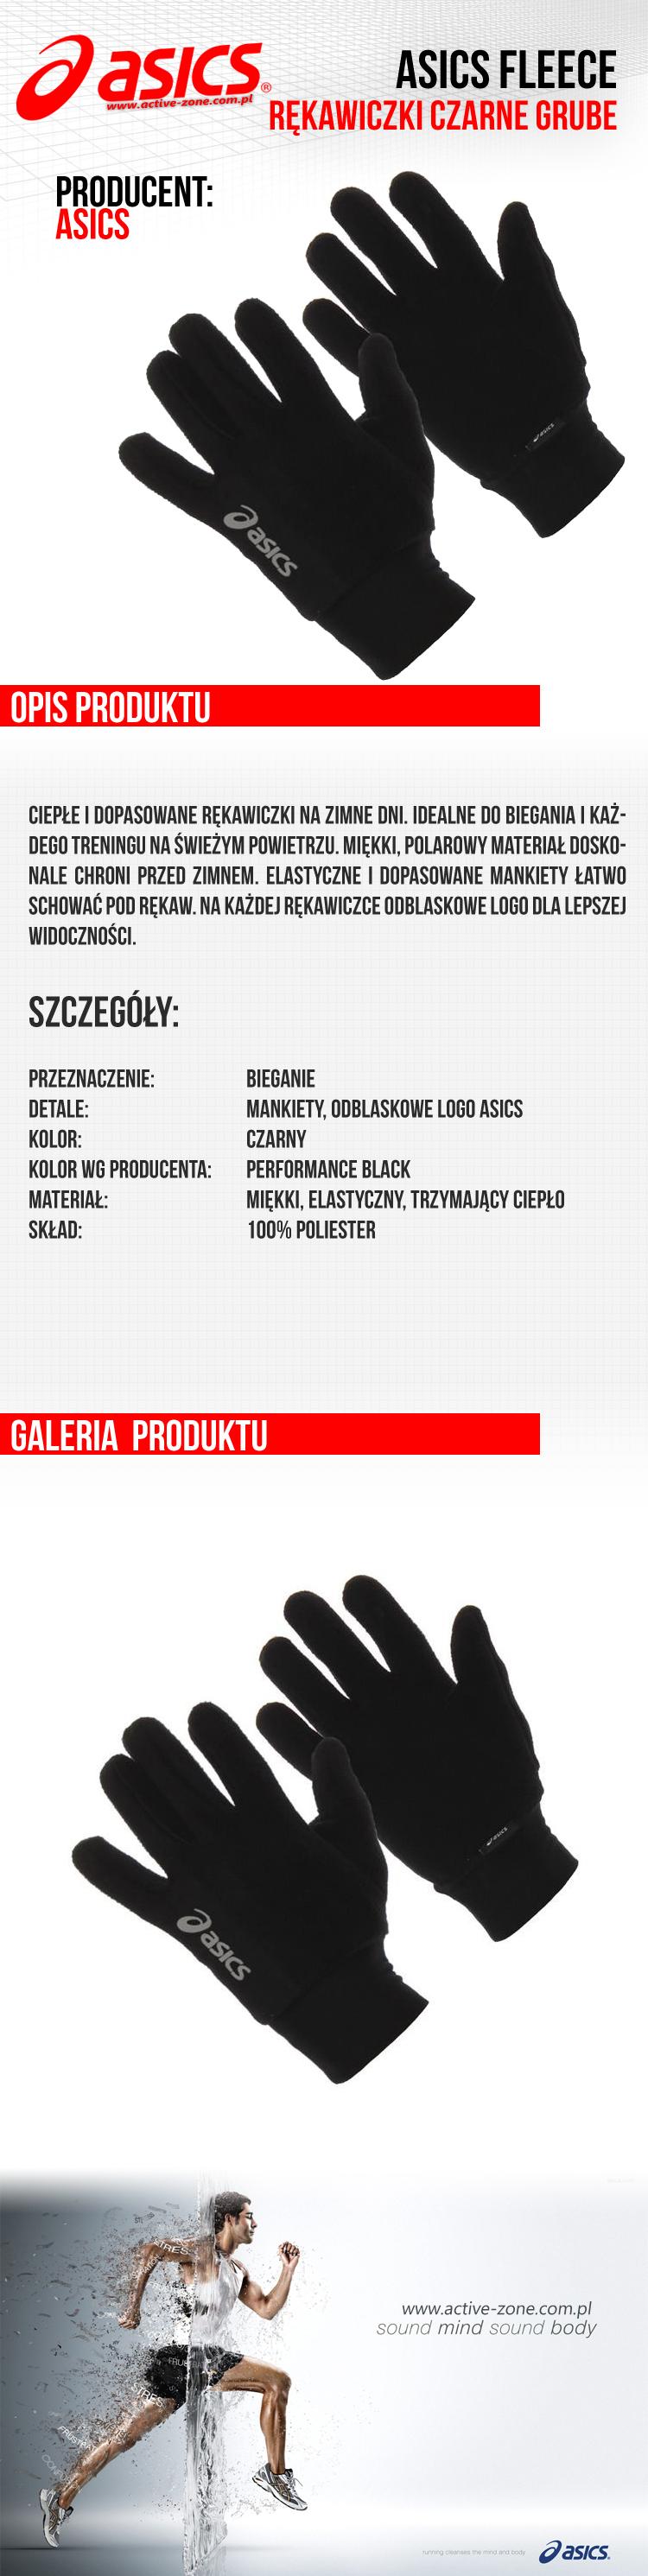 Asics FLEECE Rękawiczki Czarne grube(1)